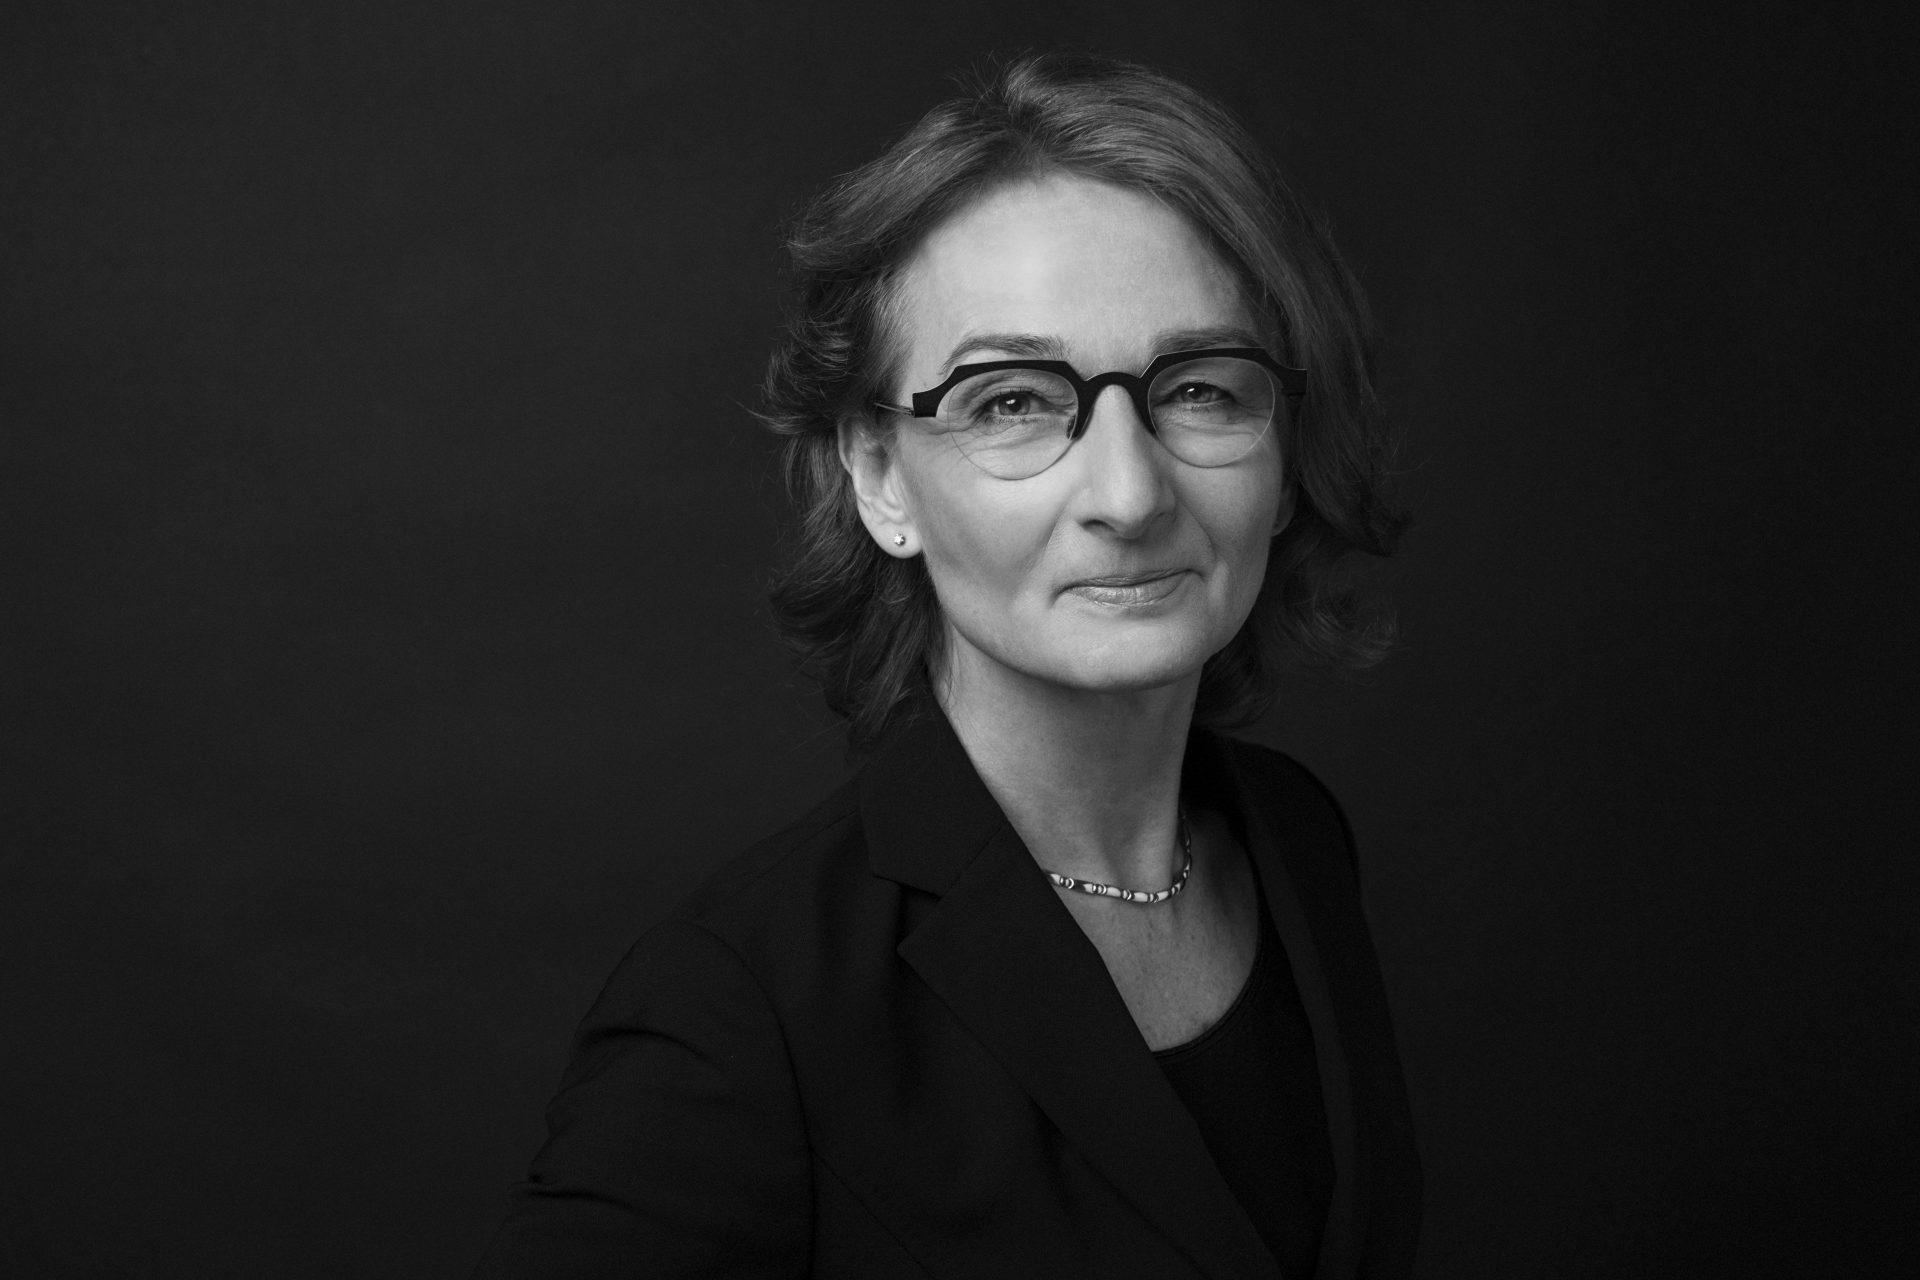 Ulrike Boller